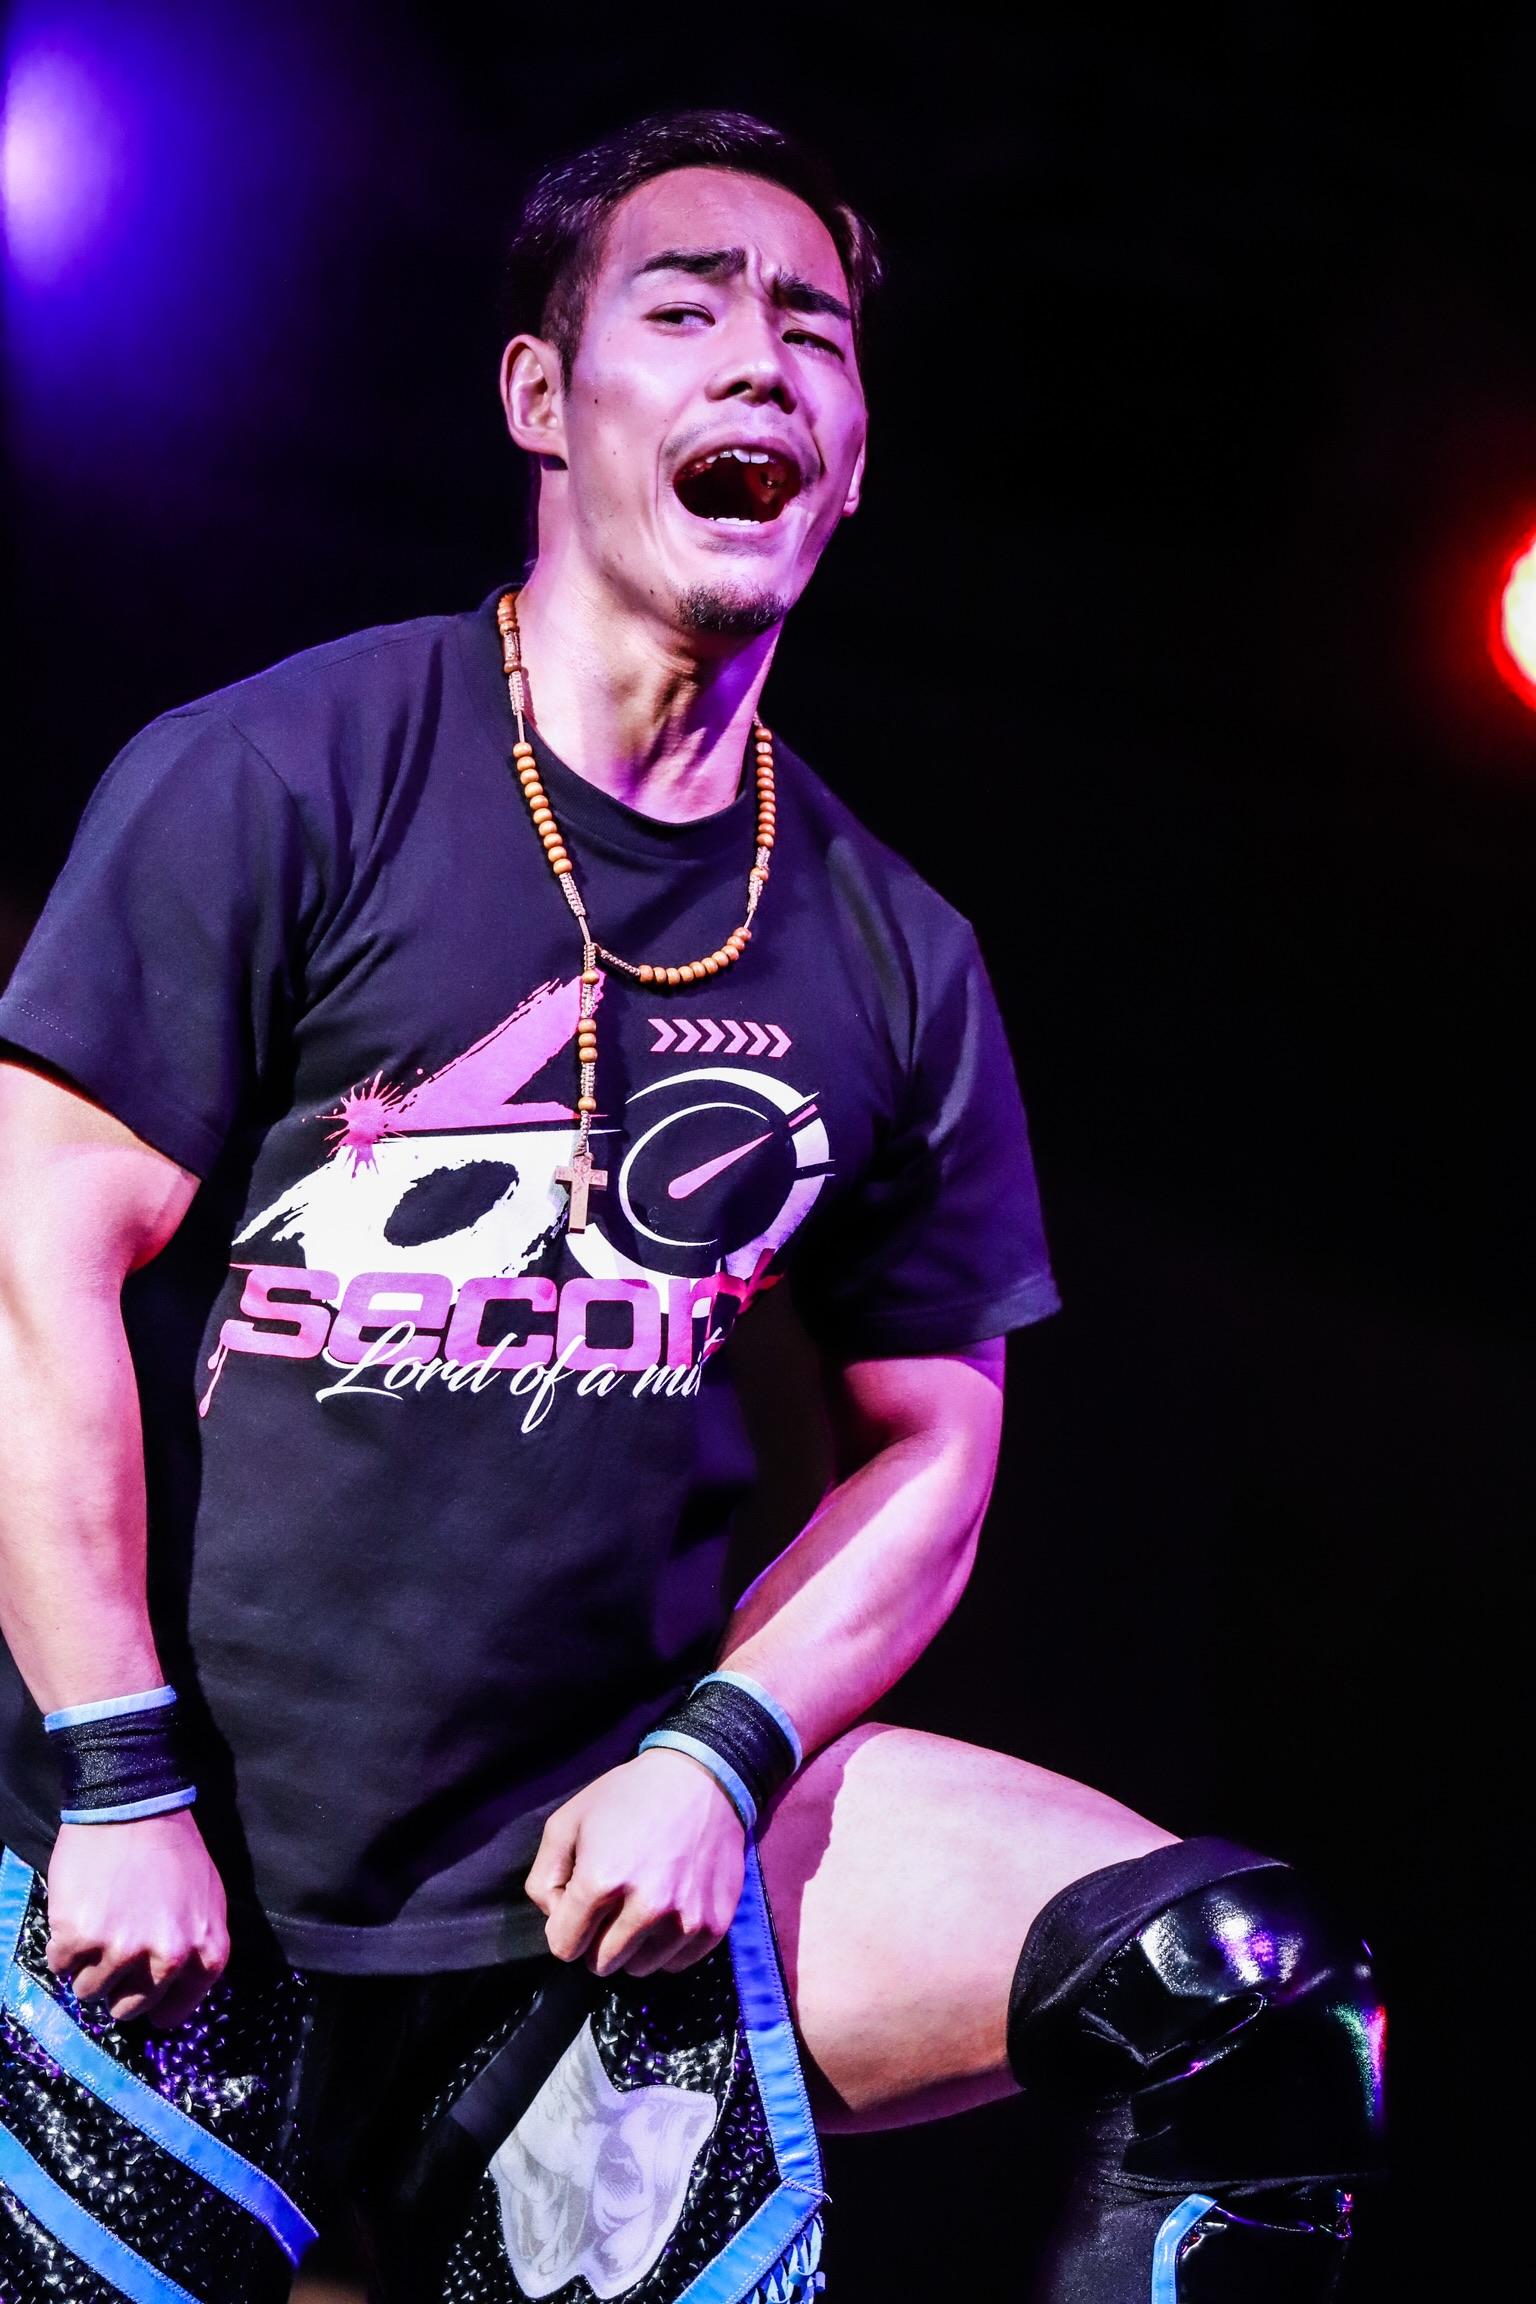 Oji Shiiba